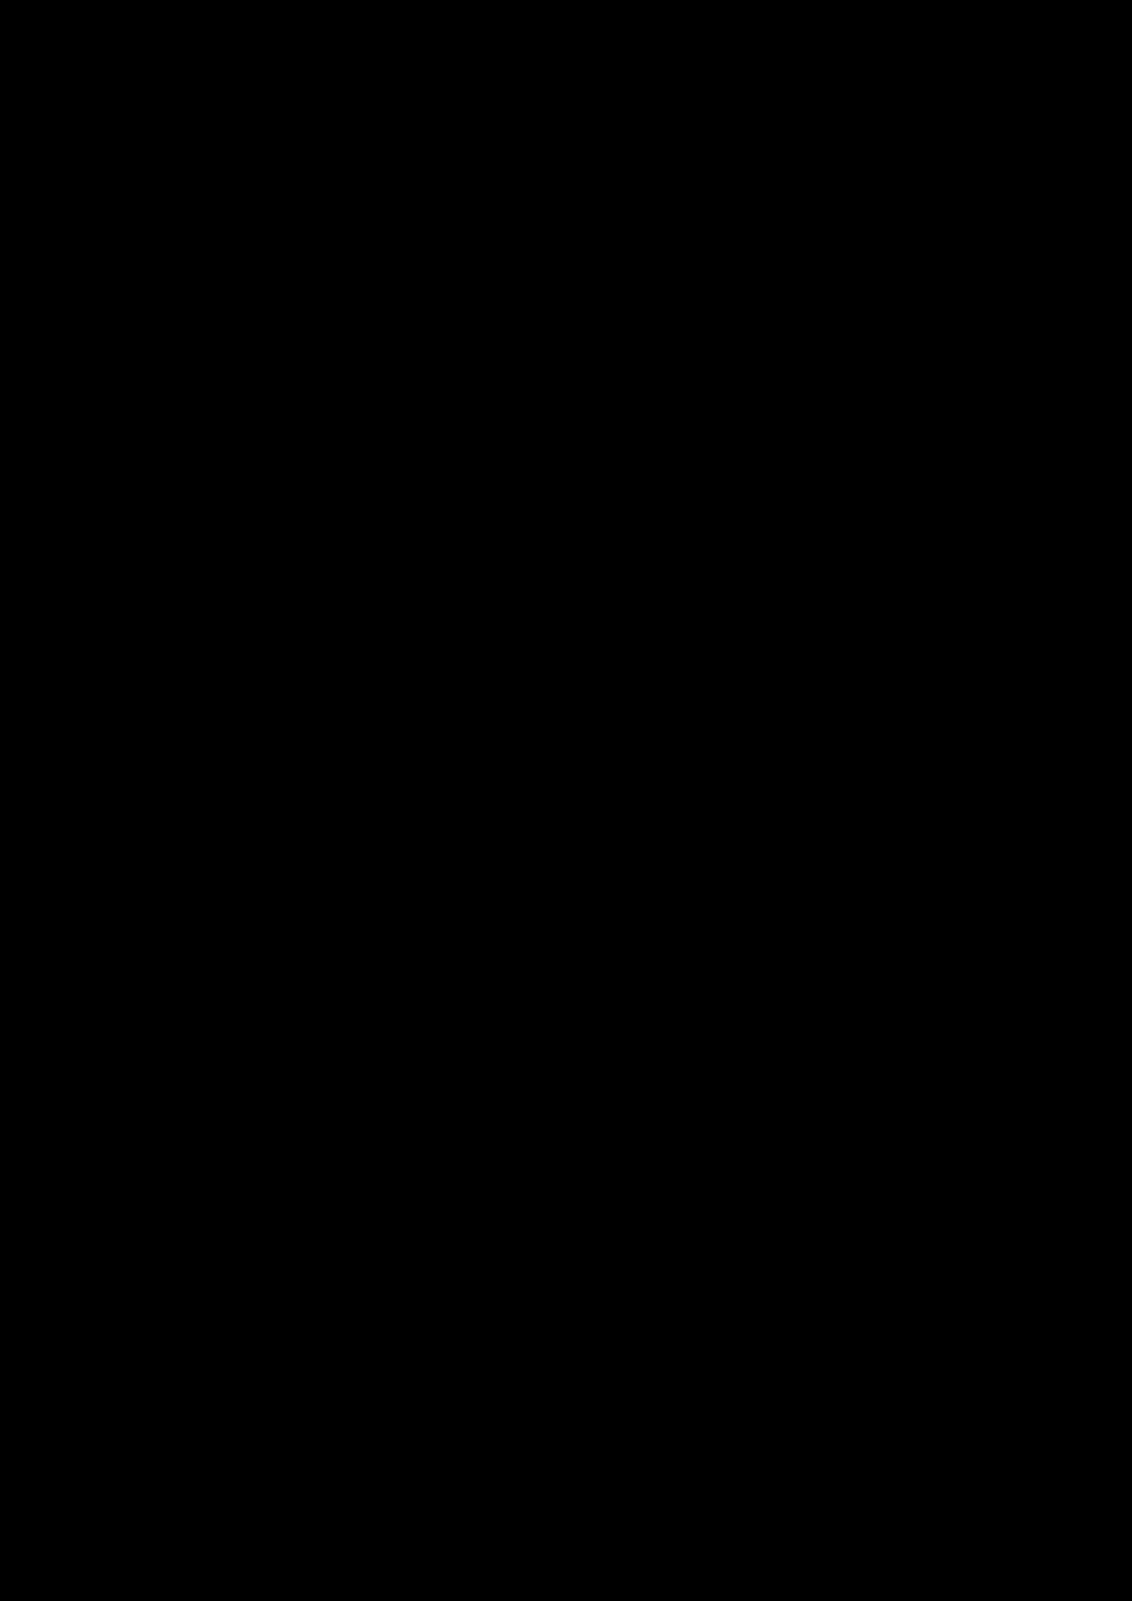 Vyibor Est slide, Image 61